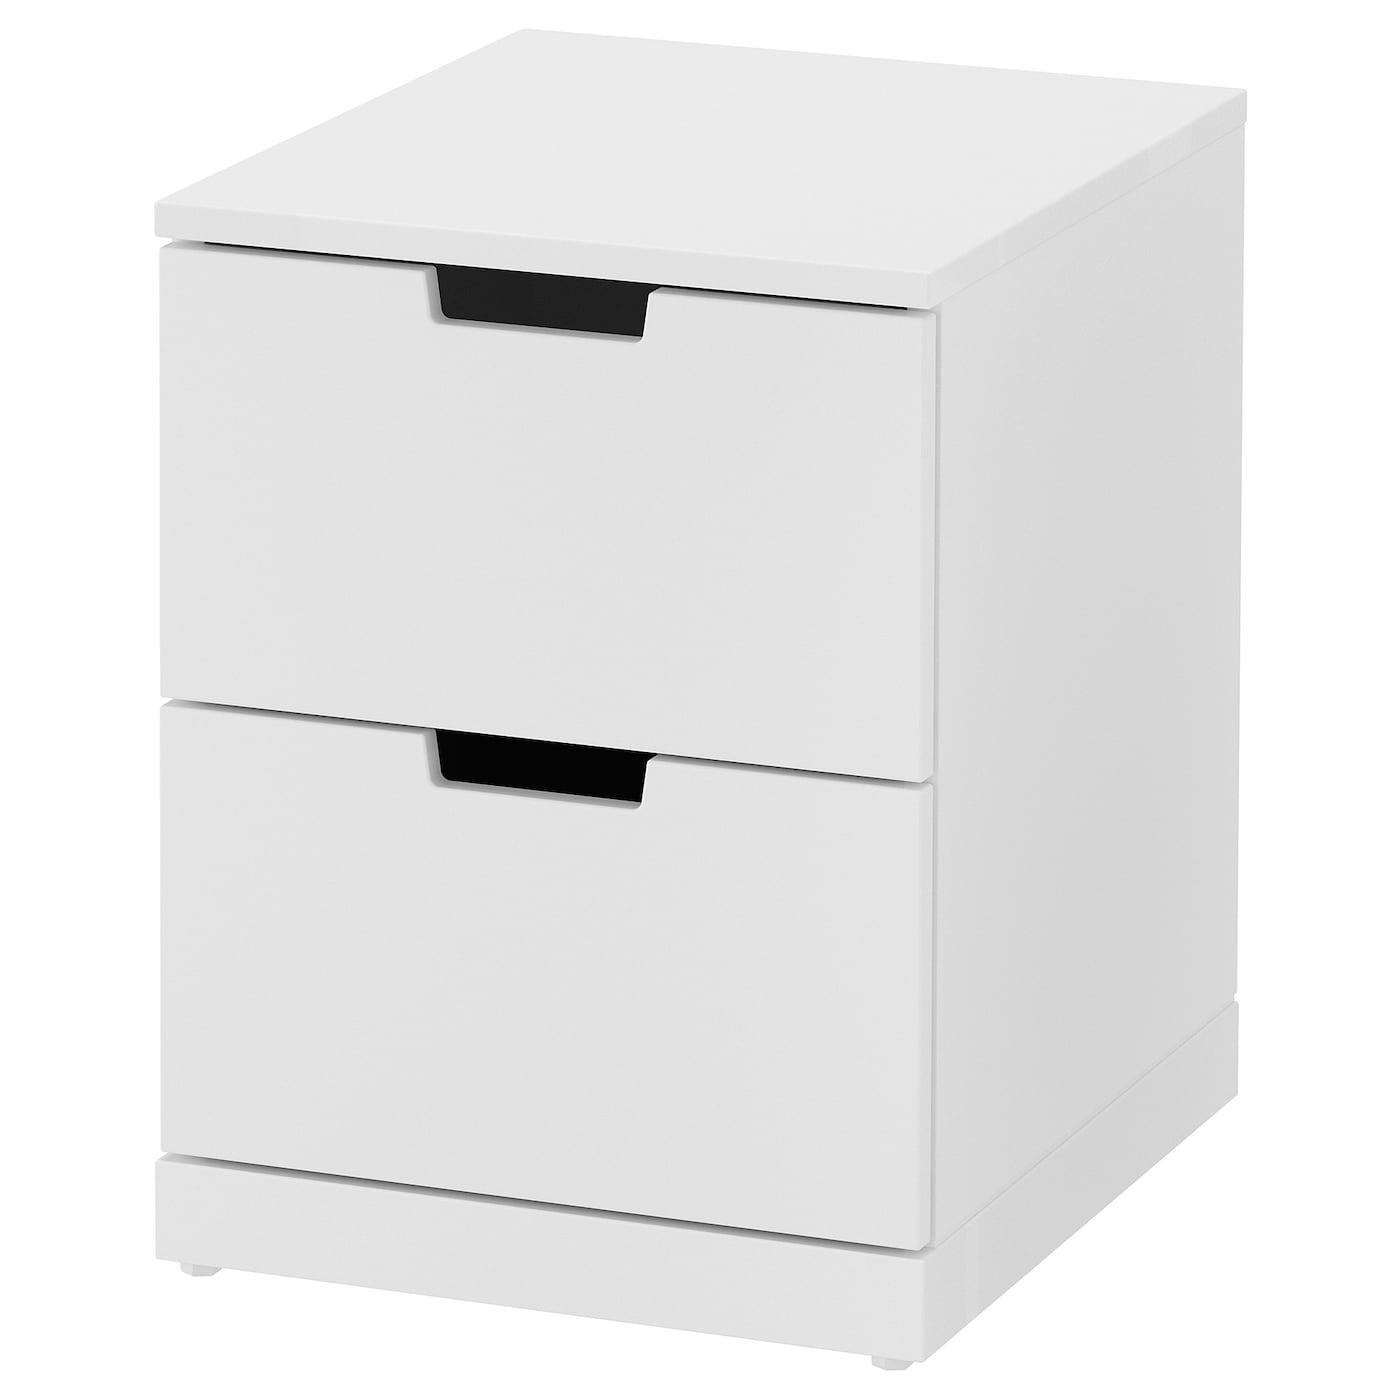 IKEA NORDLI Komoda, 2 szuflady, biały, 40x54 cm